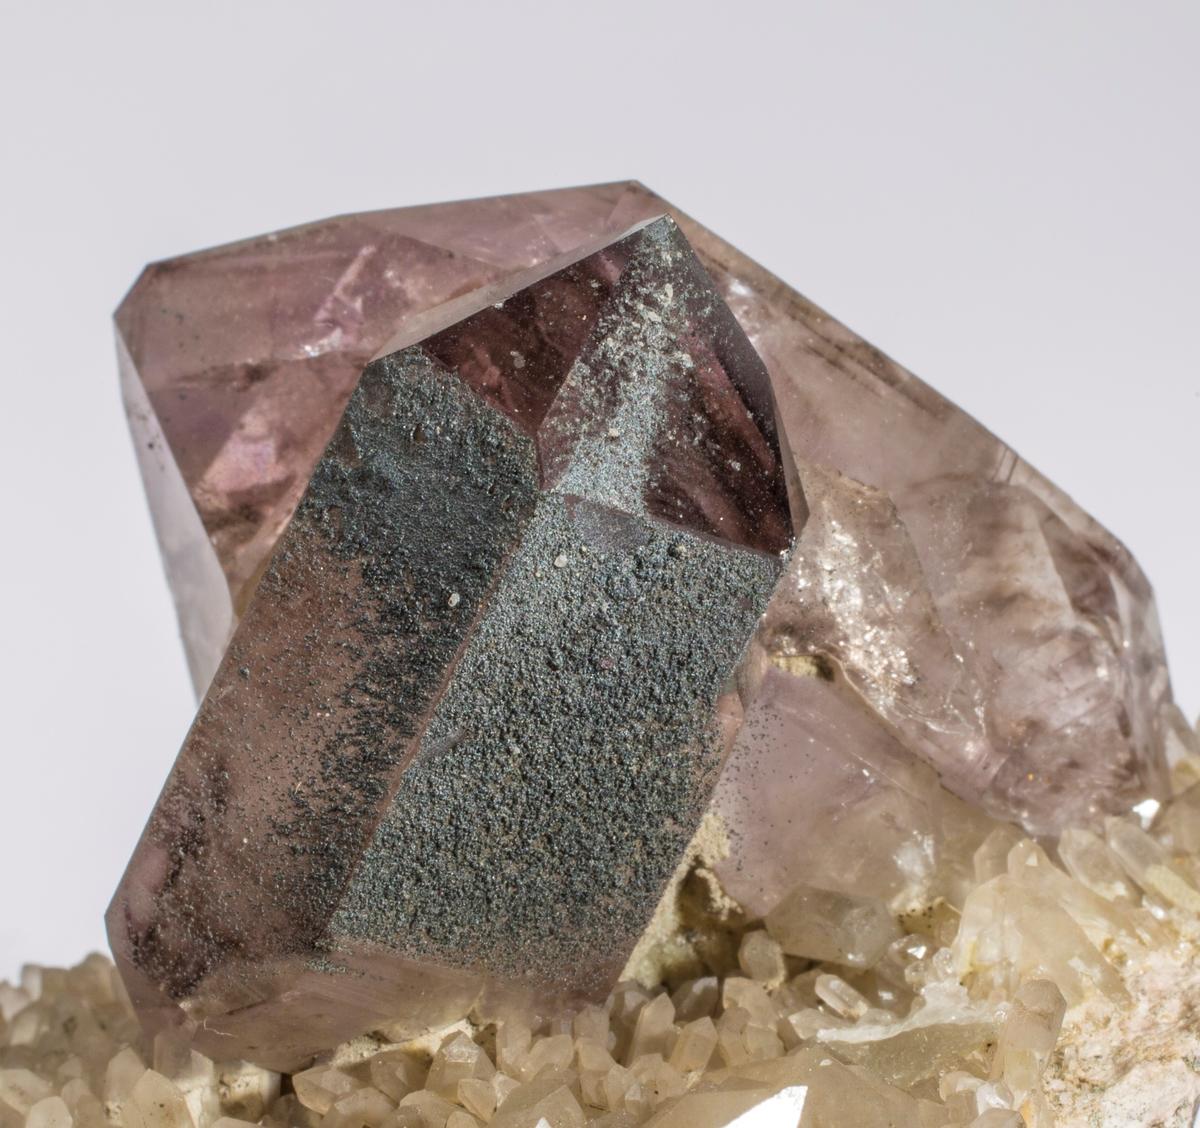 Ametyst og røykkvarts xl sammenvokst. Små kalsitt xls, bl.a. en tvilling, kloritt. E134 Drammen.